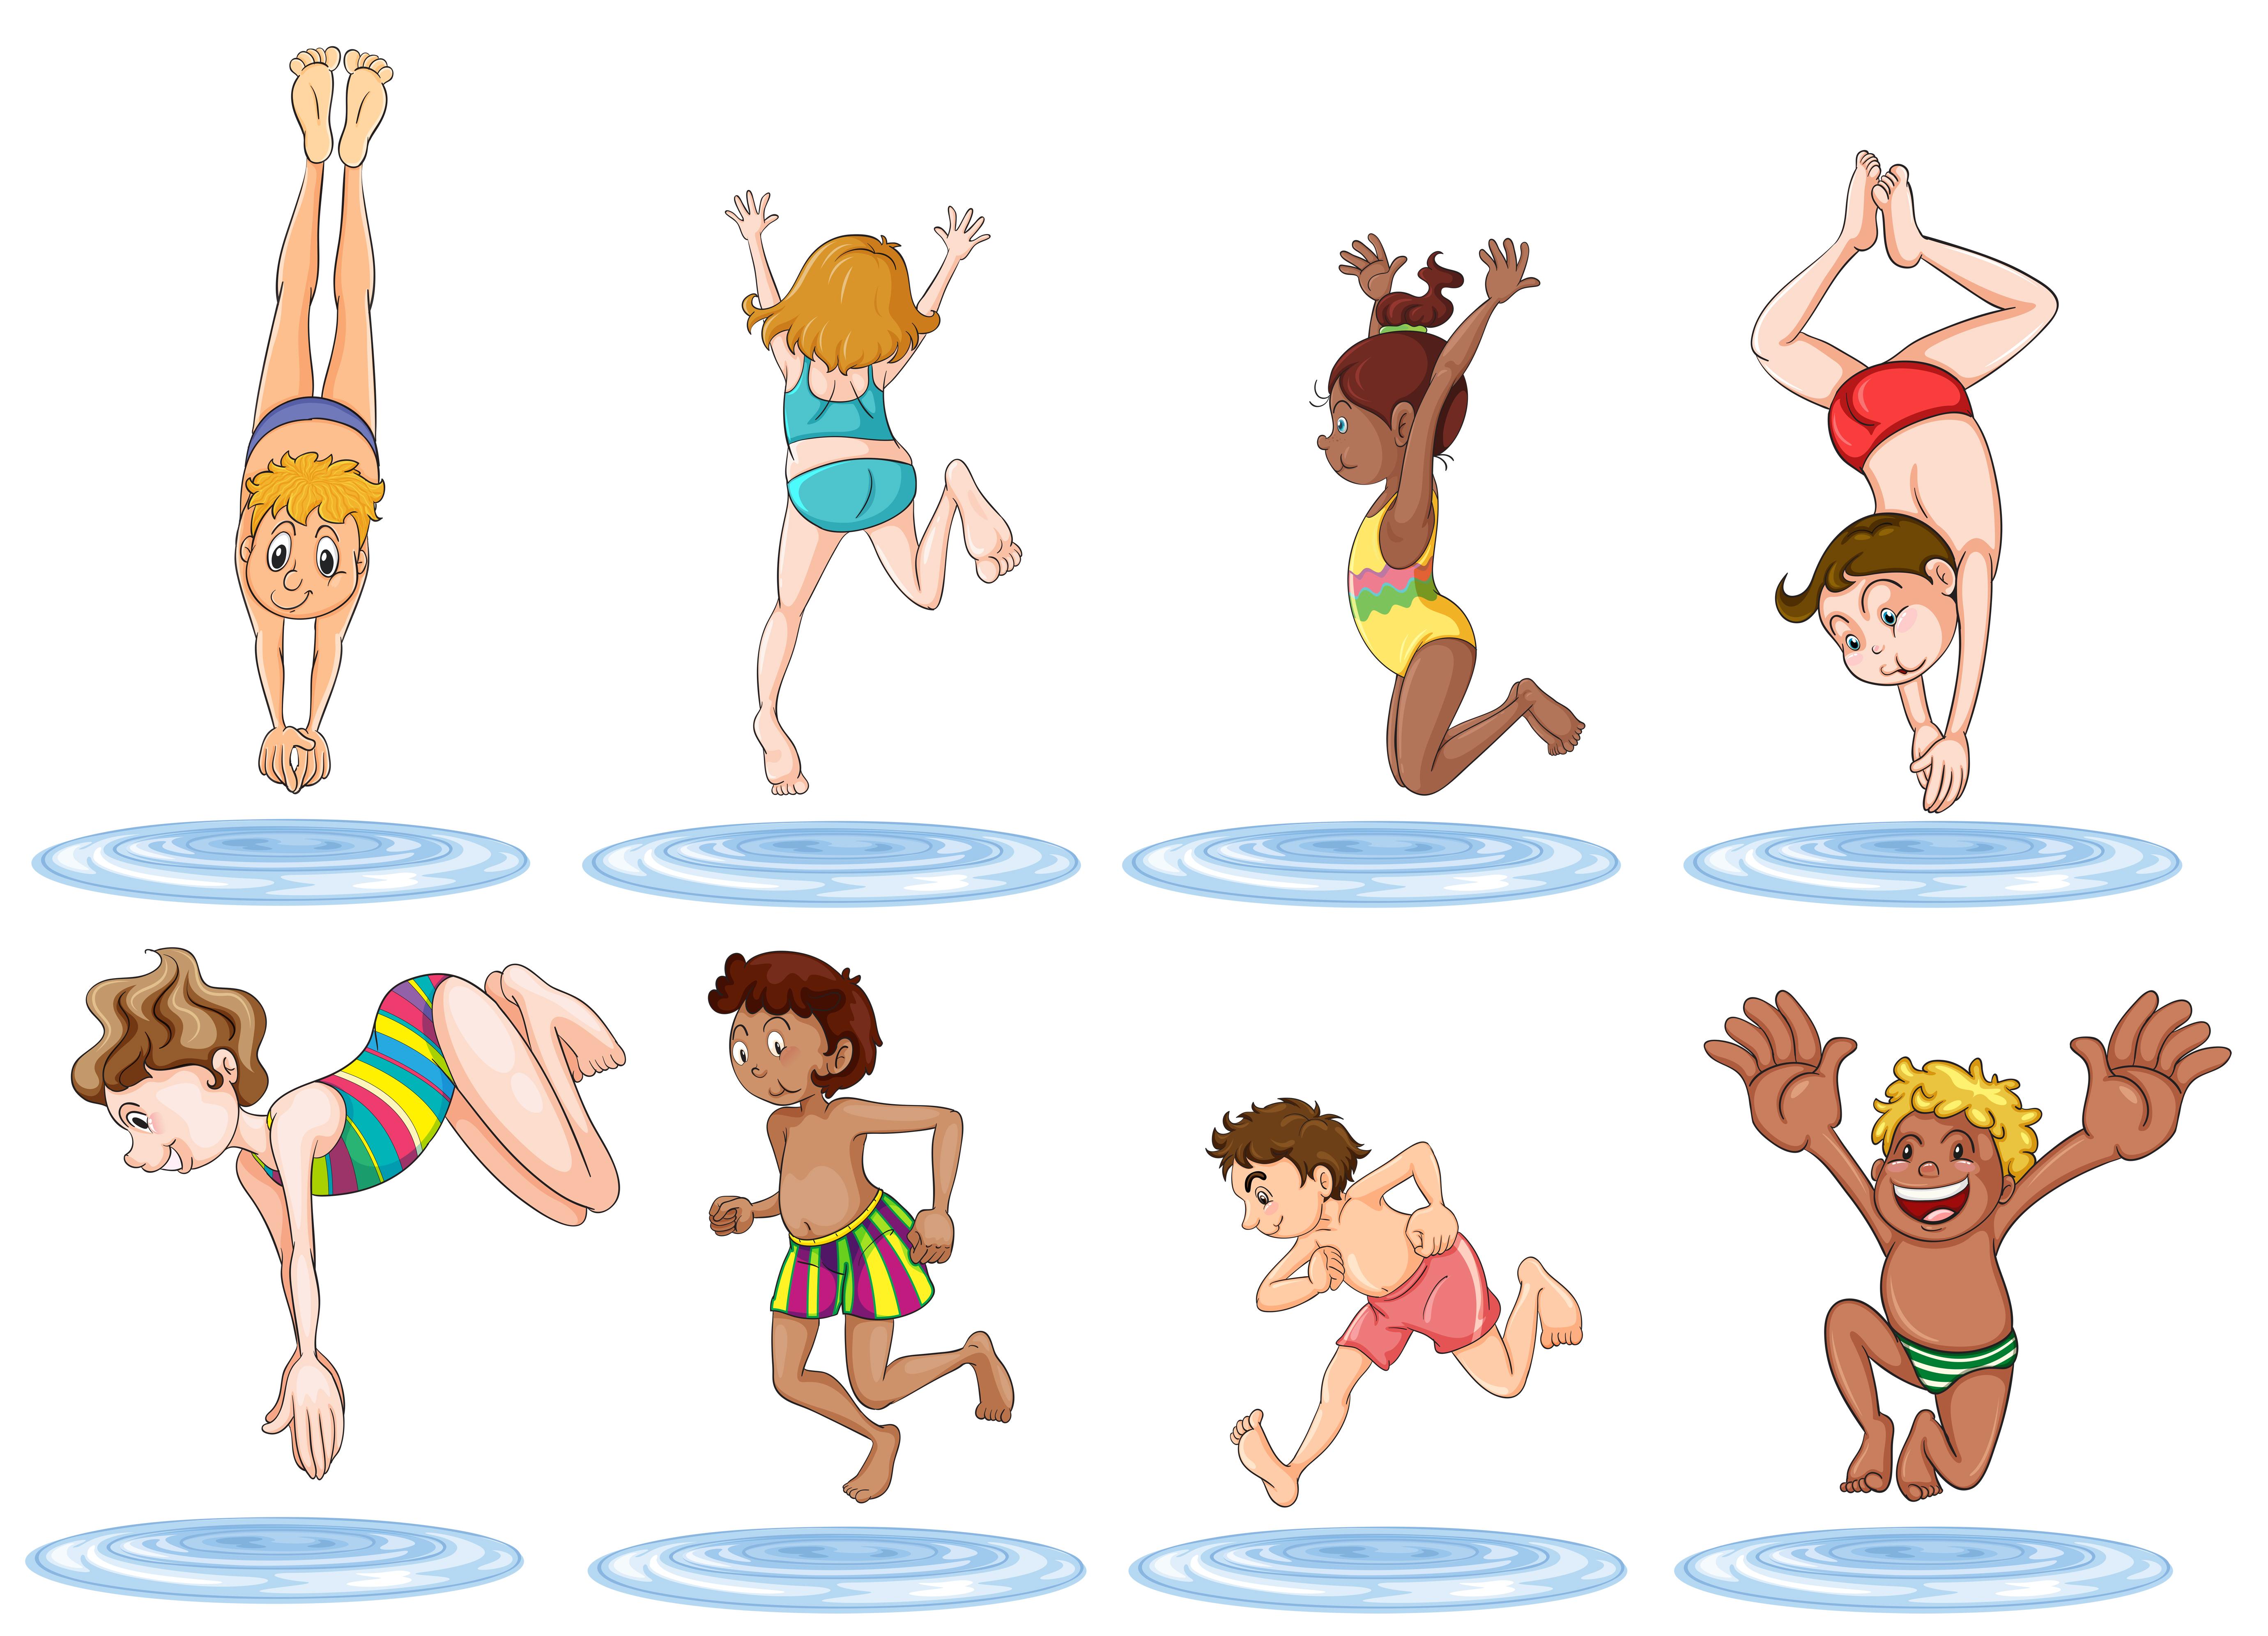 бездомных картинки на тему бегать прыгать плавать получить фото хорошего